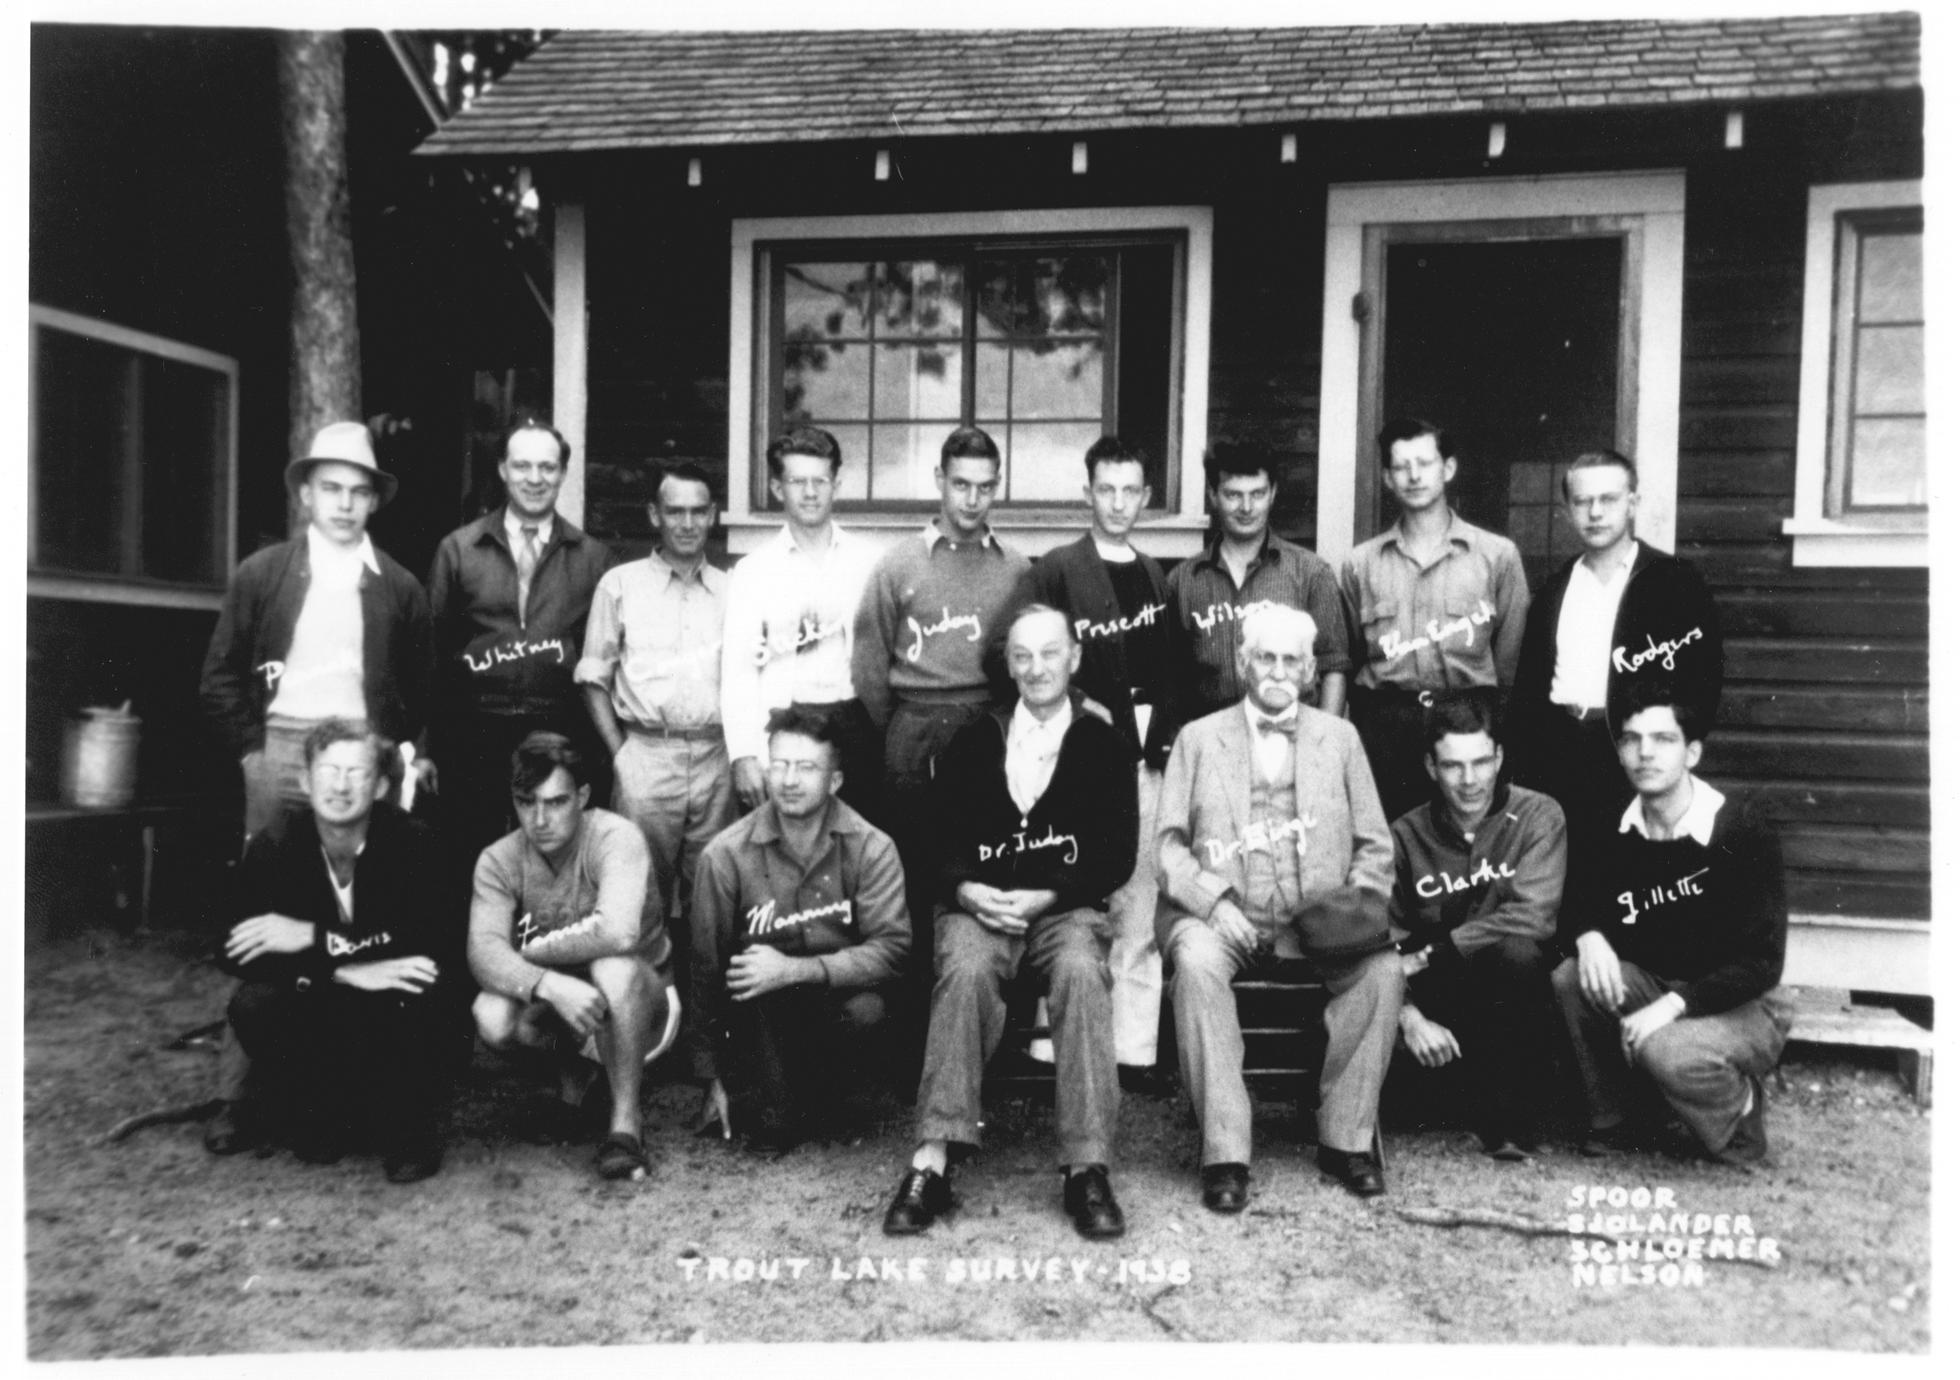 Trout Lake survey crew 1938